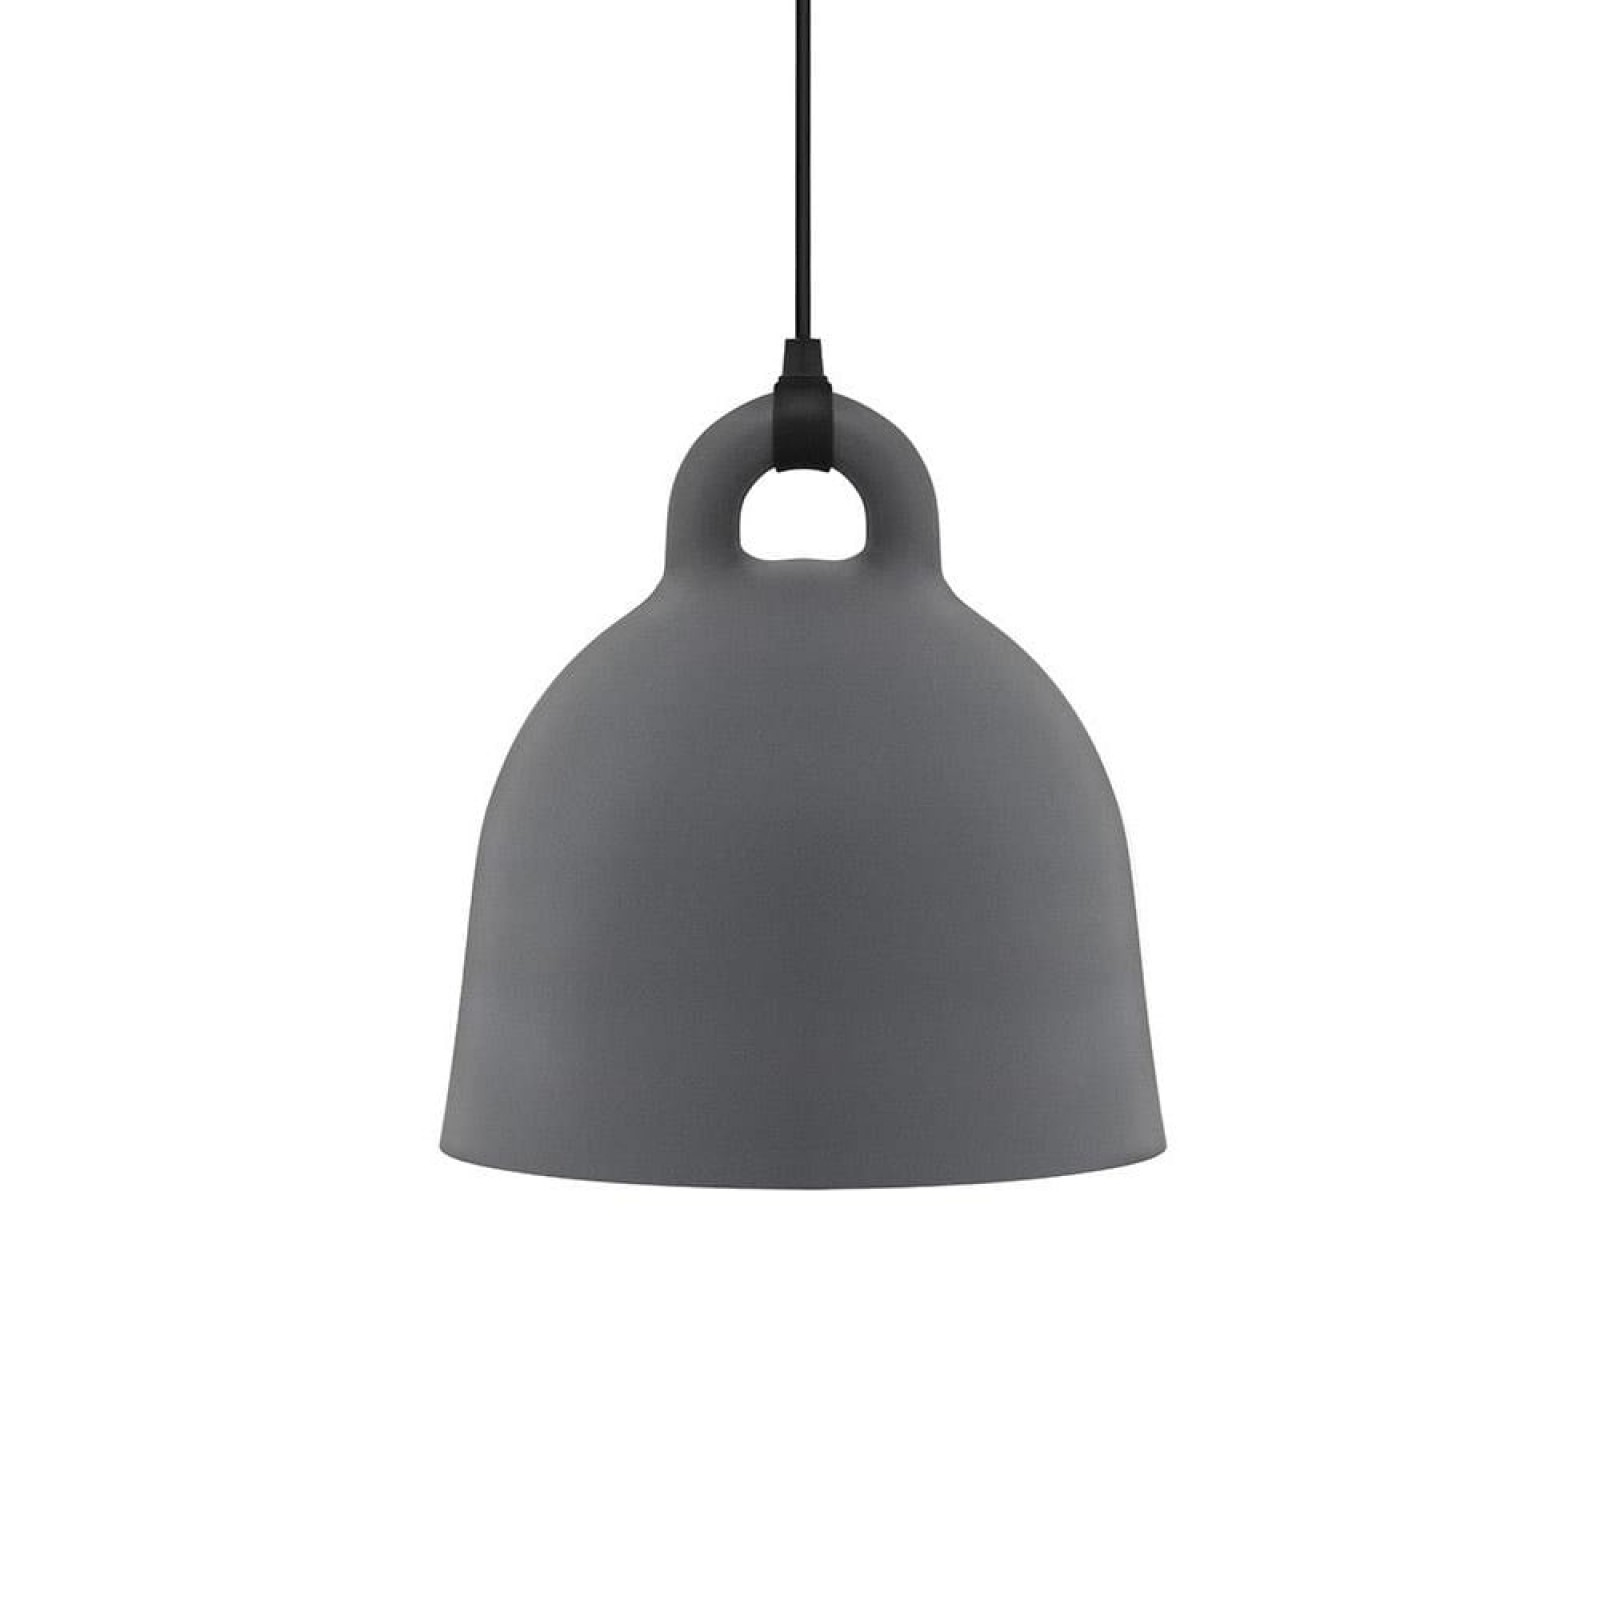 Φωτιστικό Οροφής Bell Medium (Γκρι) - Normann Copenhagen